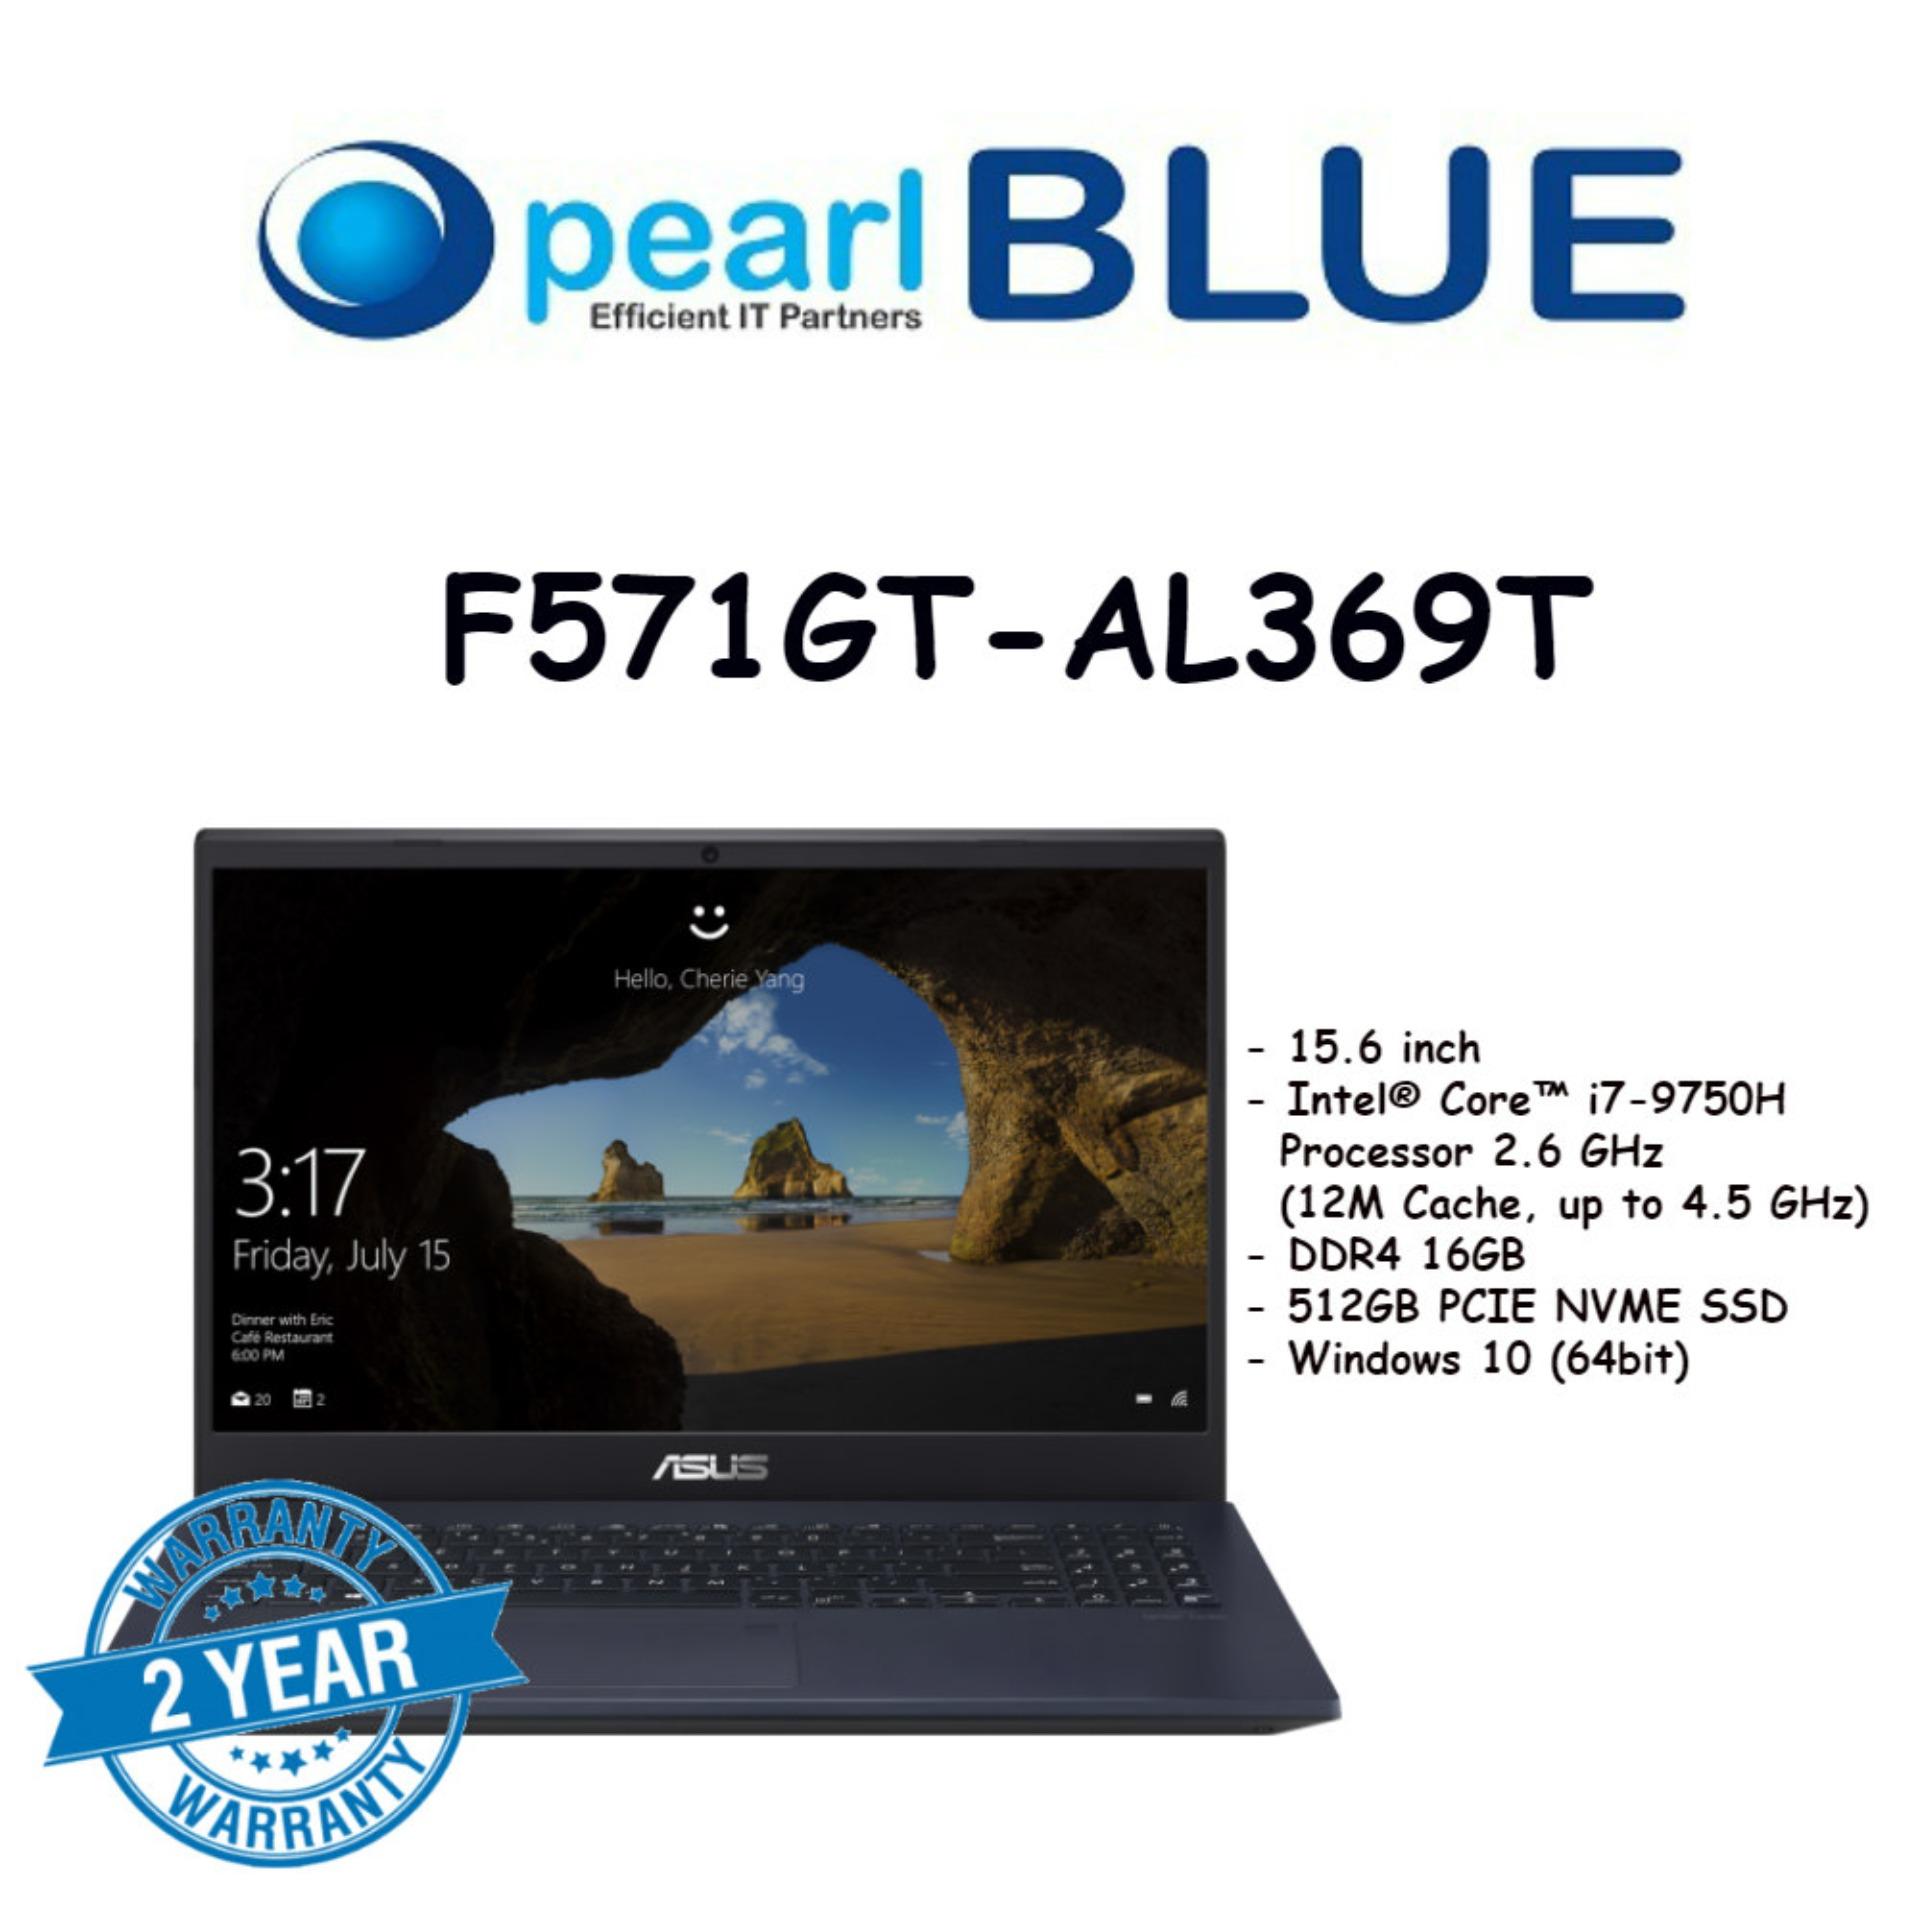 ASUS Vivobook Pro 15 F571GT-AL369T / i7-9750H / 16GB / DDR4 / 512GB PCIE SSD / GTX 1650